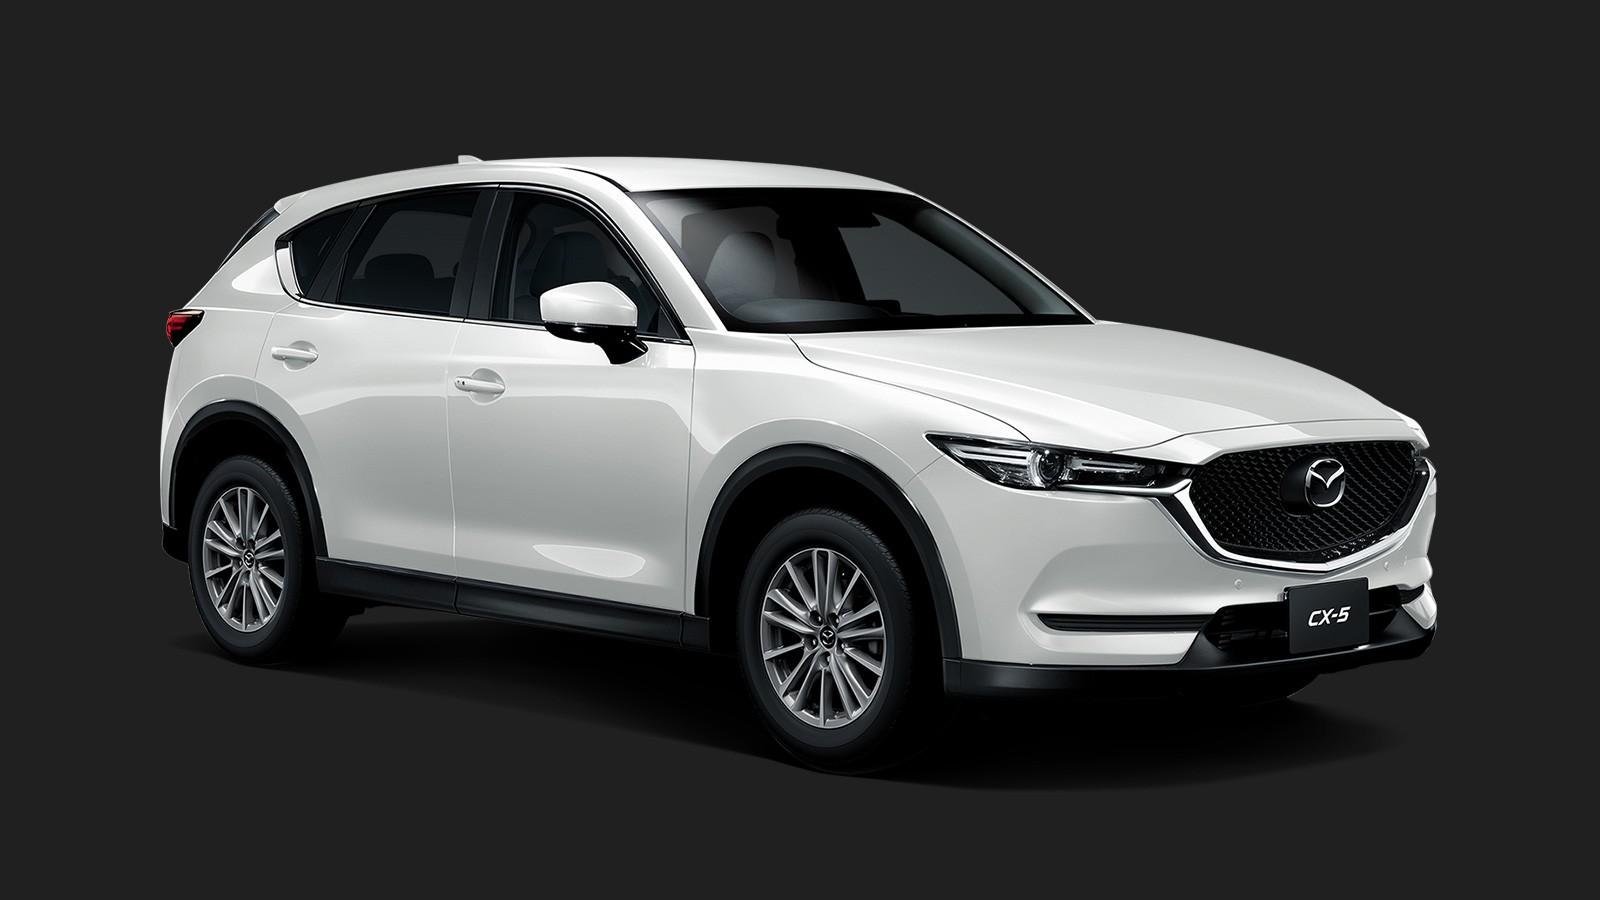 Kelebihan Mazda Cx 7 2017 Murah Berkualitas